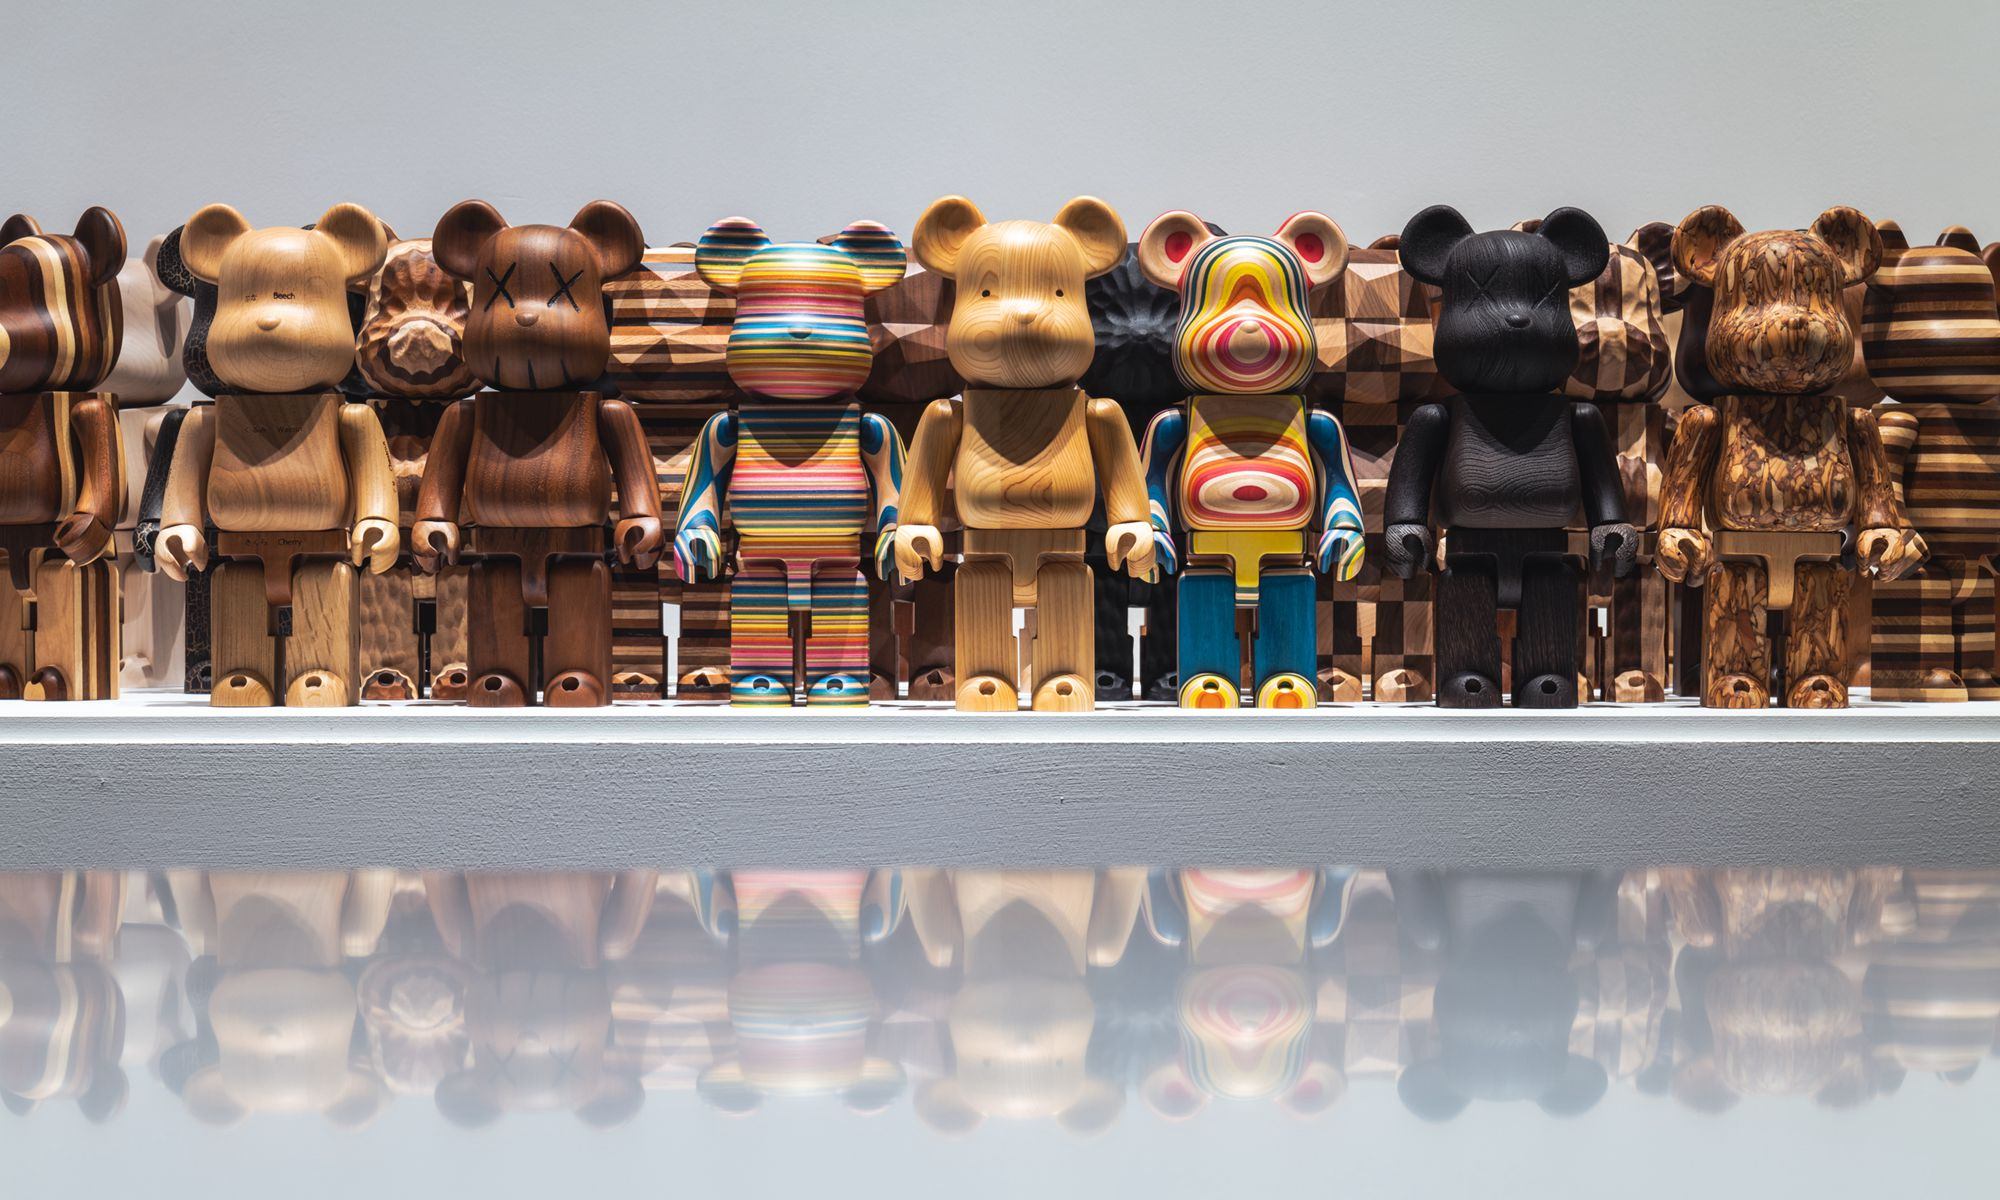 接近 900 亿零售规模的市场,在国内做潮流玩具是不是「前景无量」?